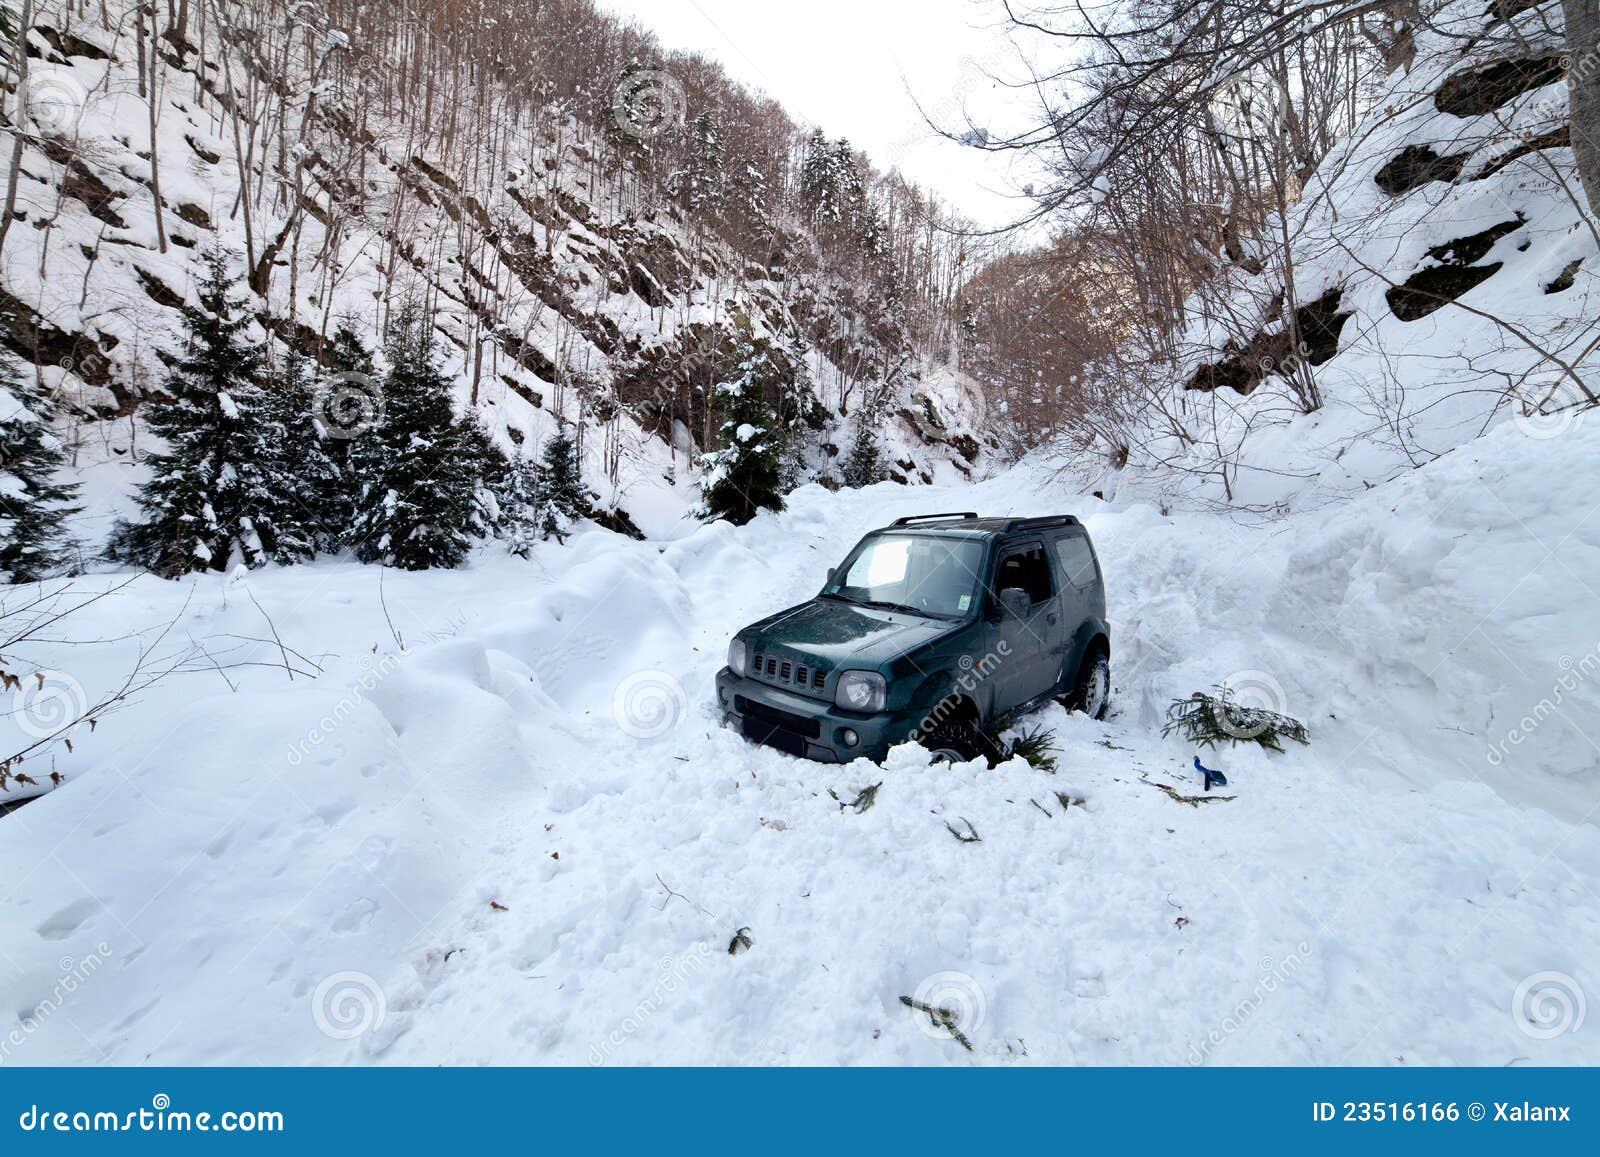 Le véhicule a collé dans une avalanche de neige